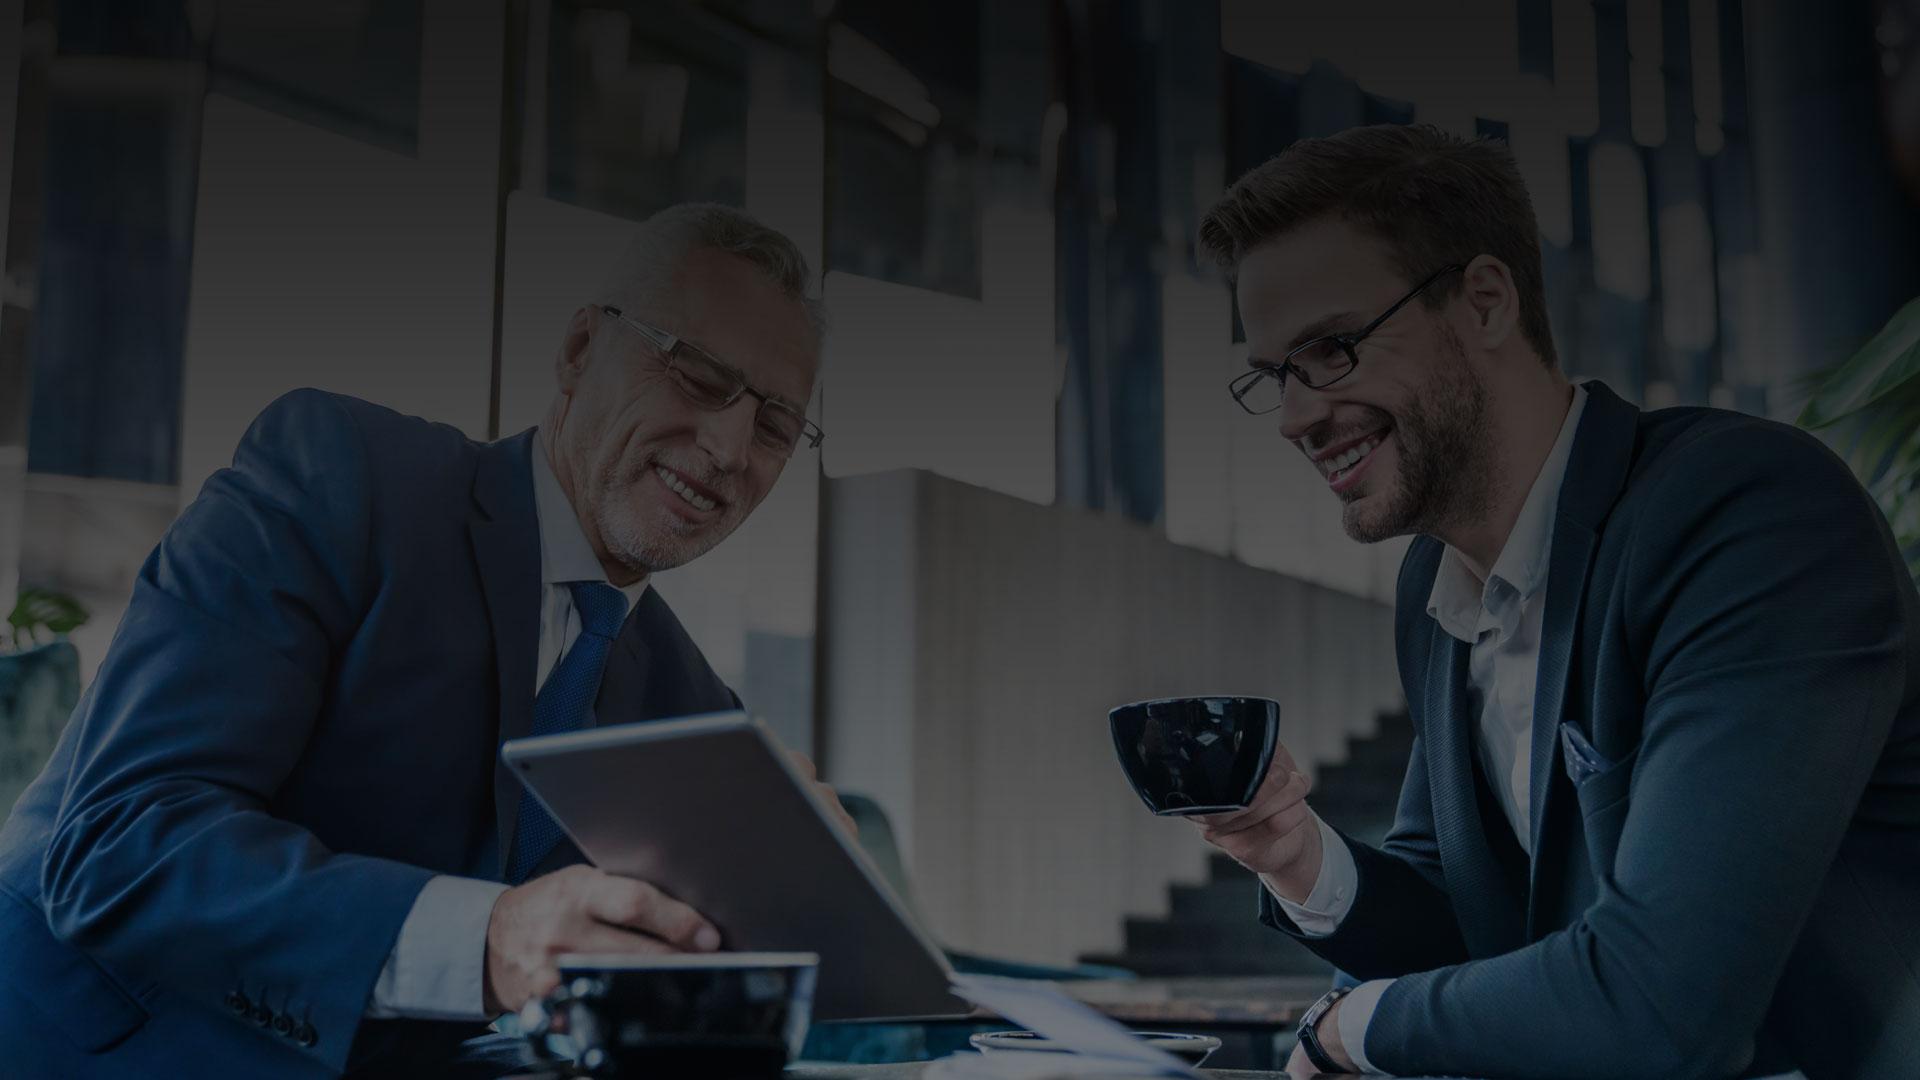 Conseils dédiés aux créateurs & repreneurs d'entreprises